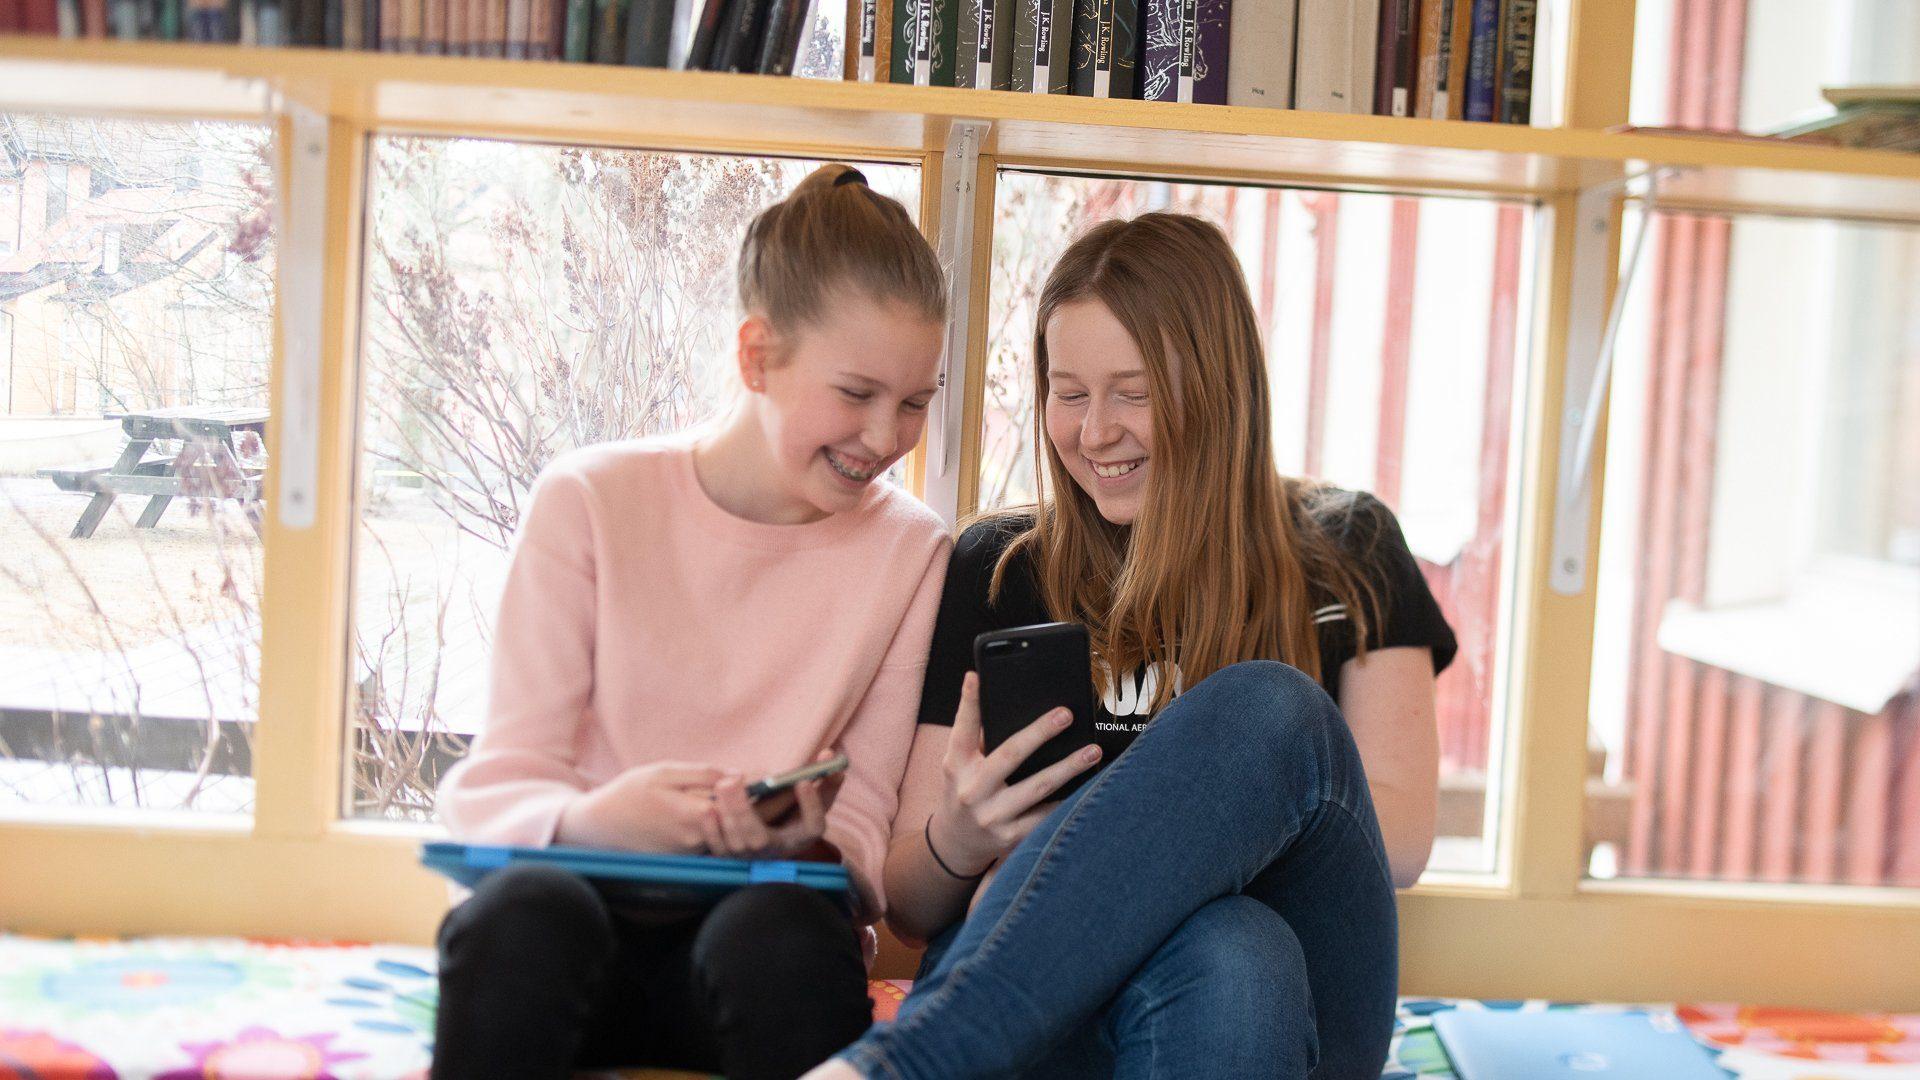 Två flickor tittar på en mobil och skrattar